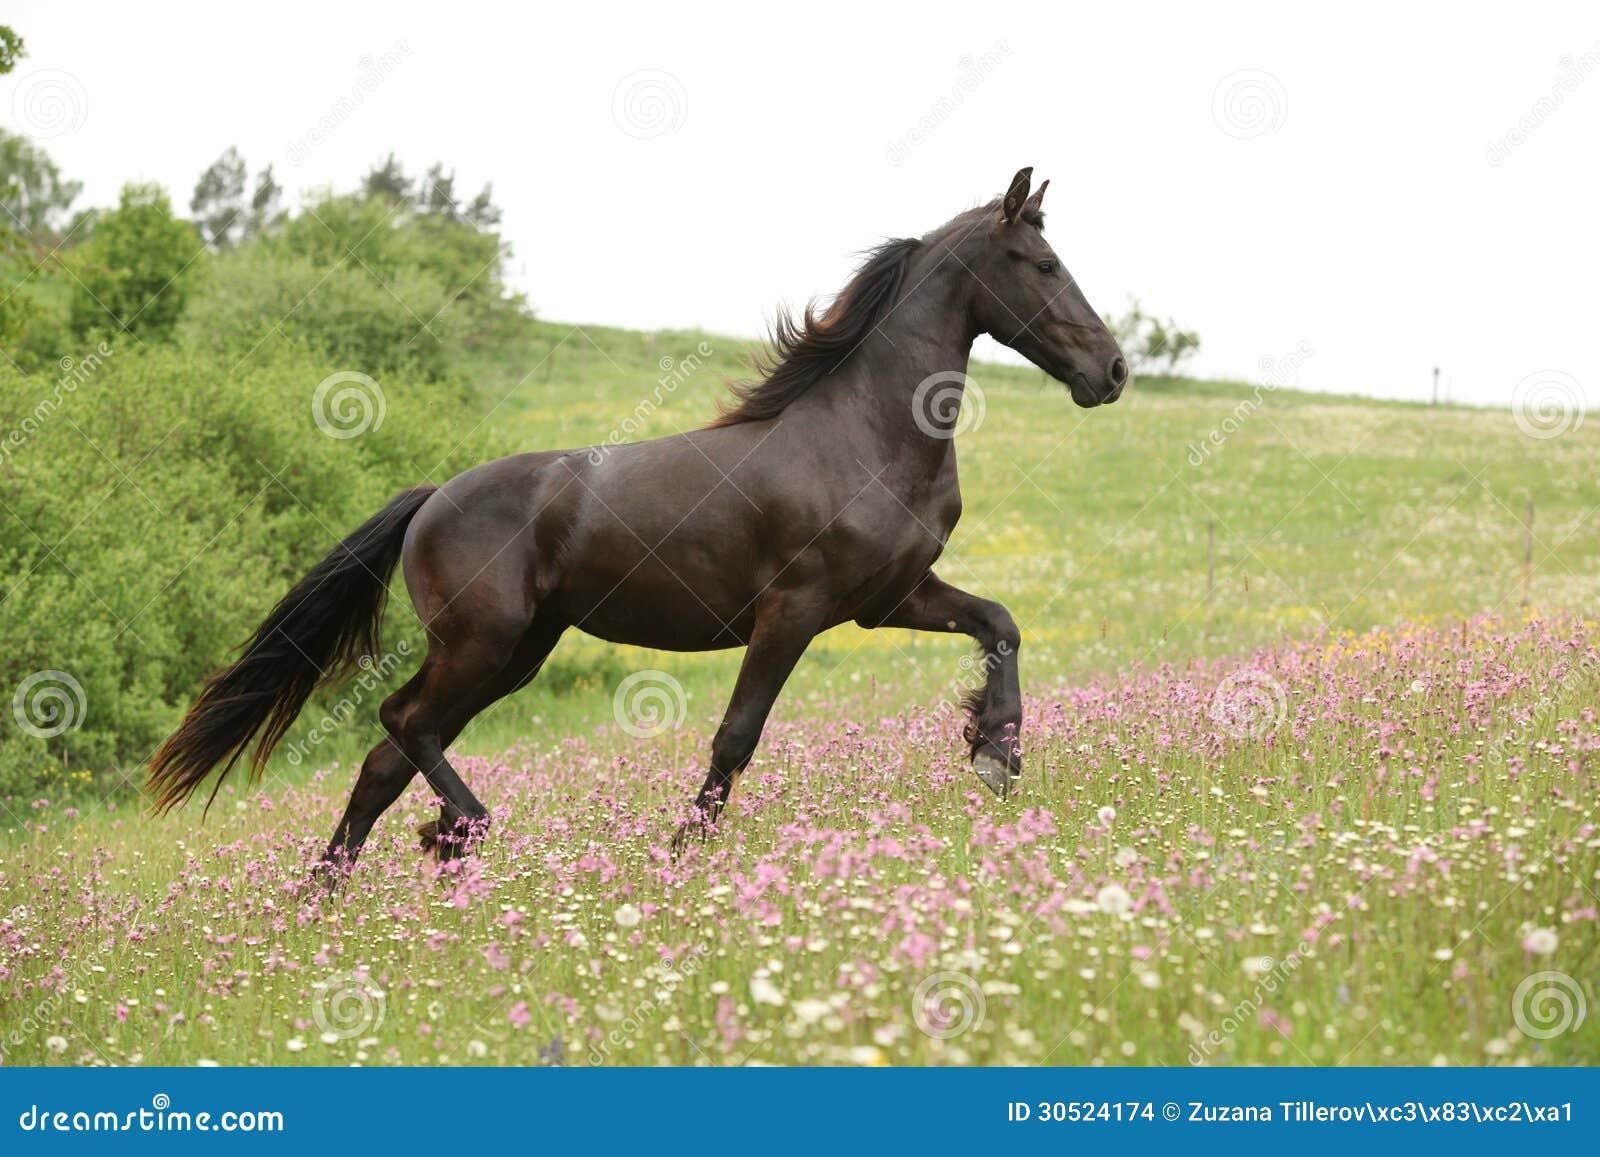 This horse is having fun. Beautiful black horse running ...  |Friesian Horses Running